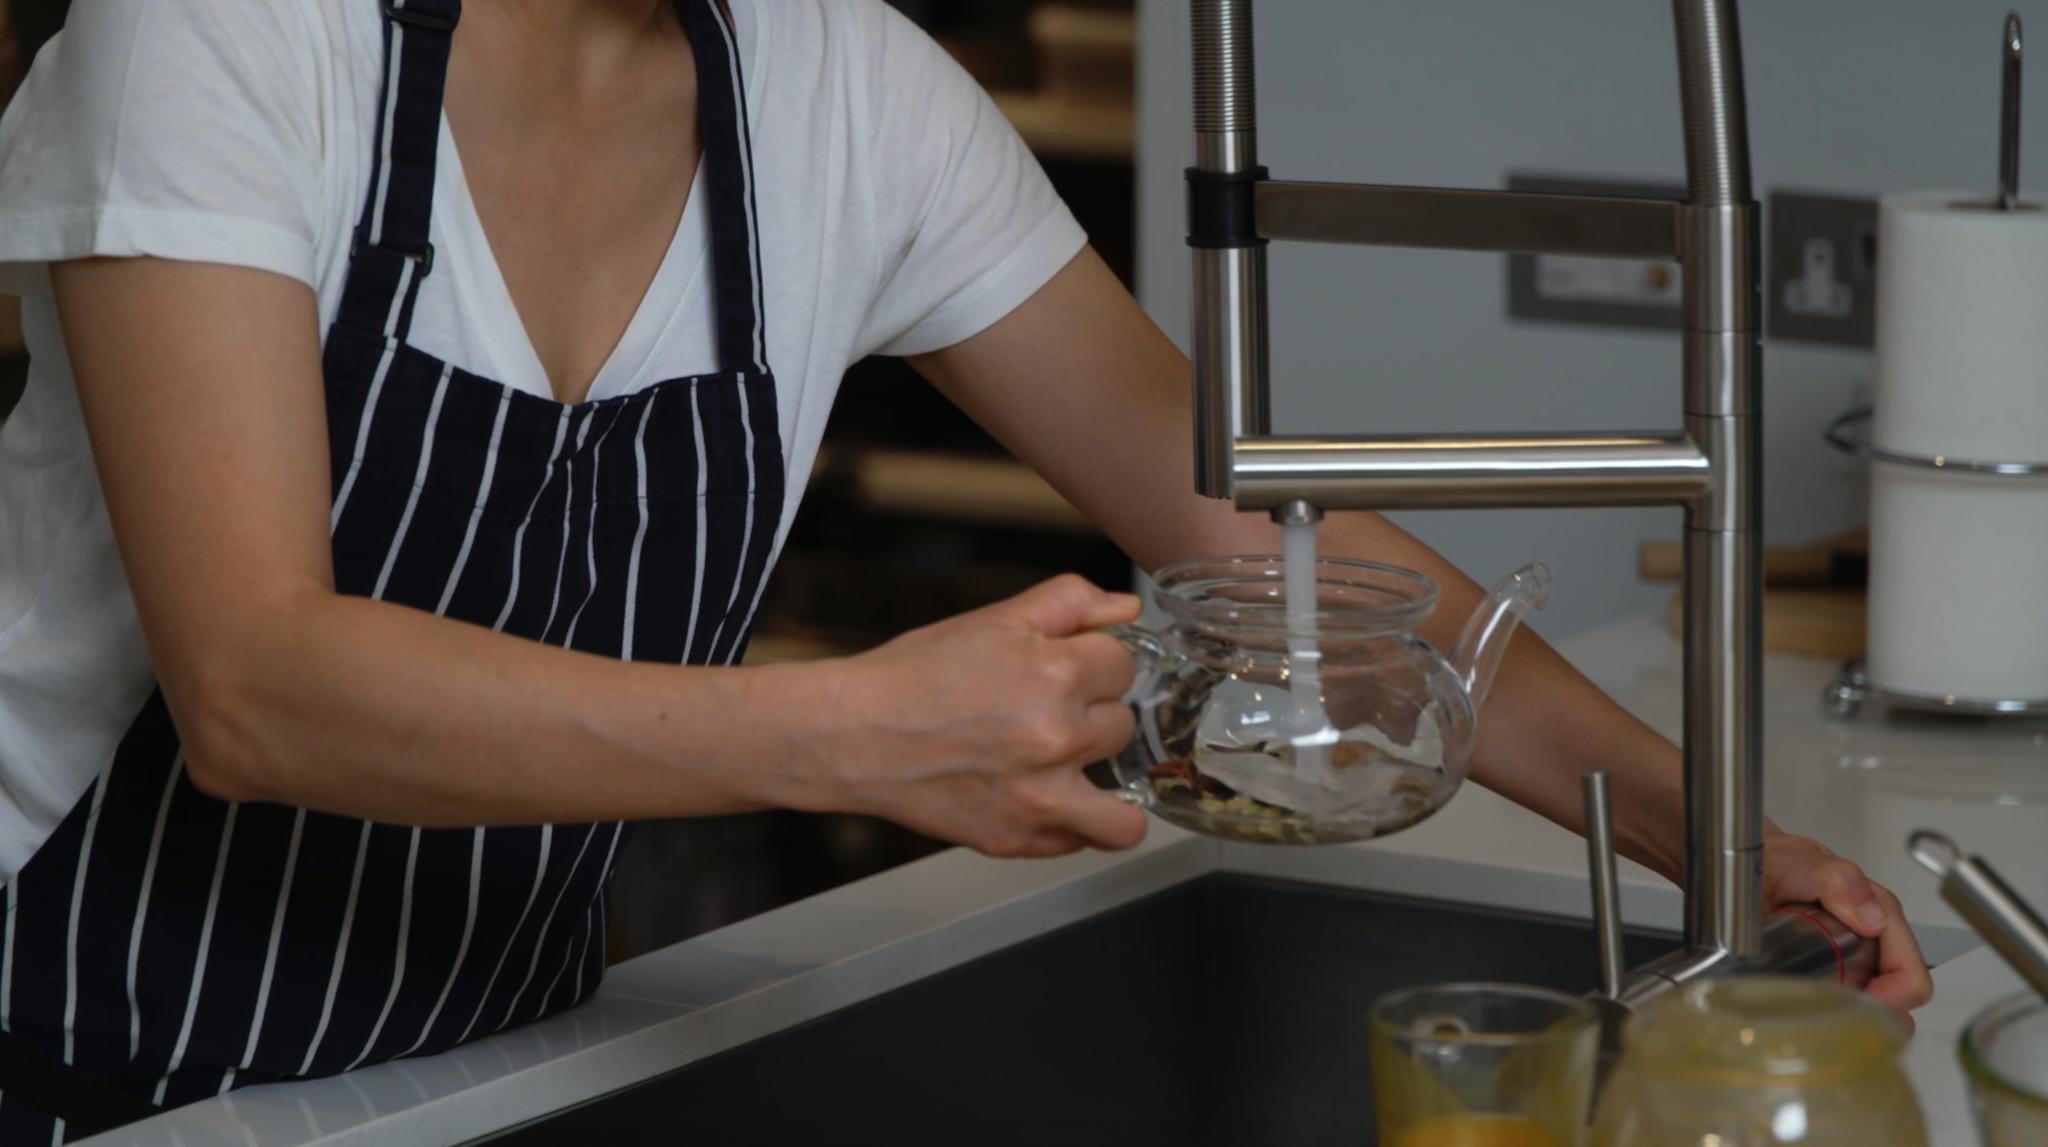 Maak jouw leven in de keuken makkelijker met 100°C kokend water uit de kraan